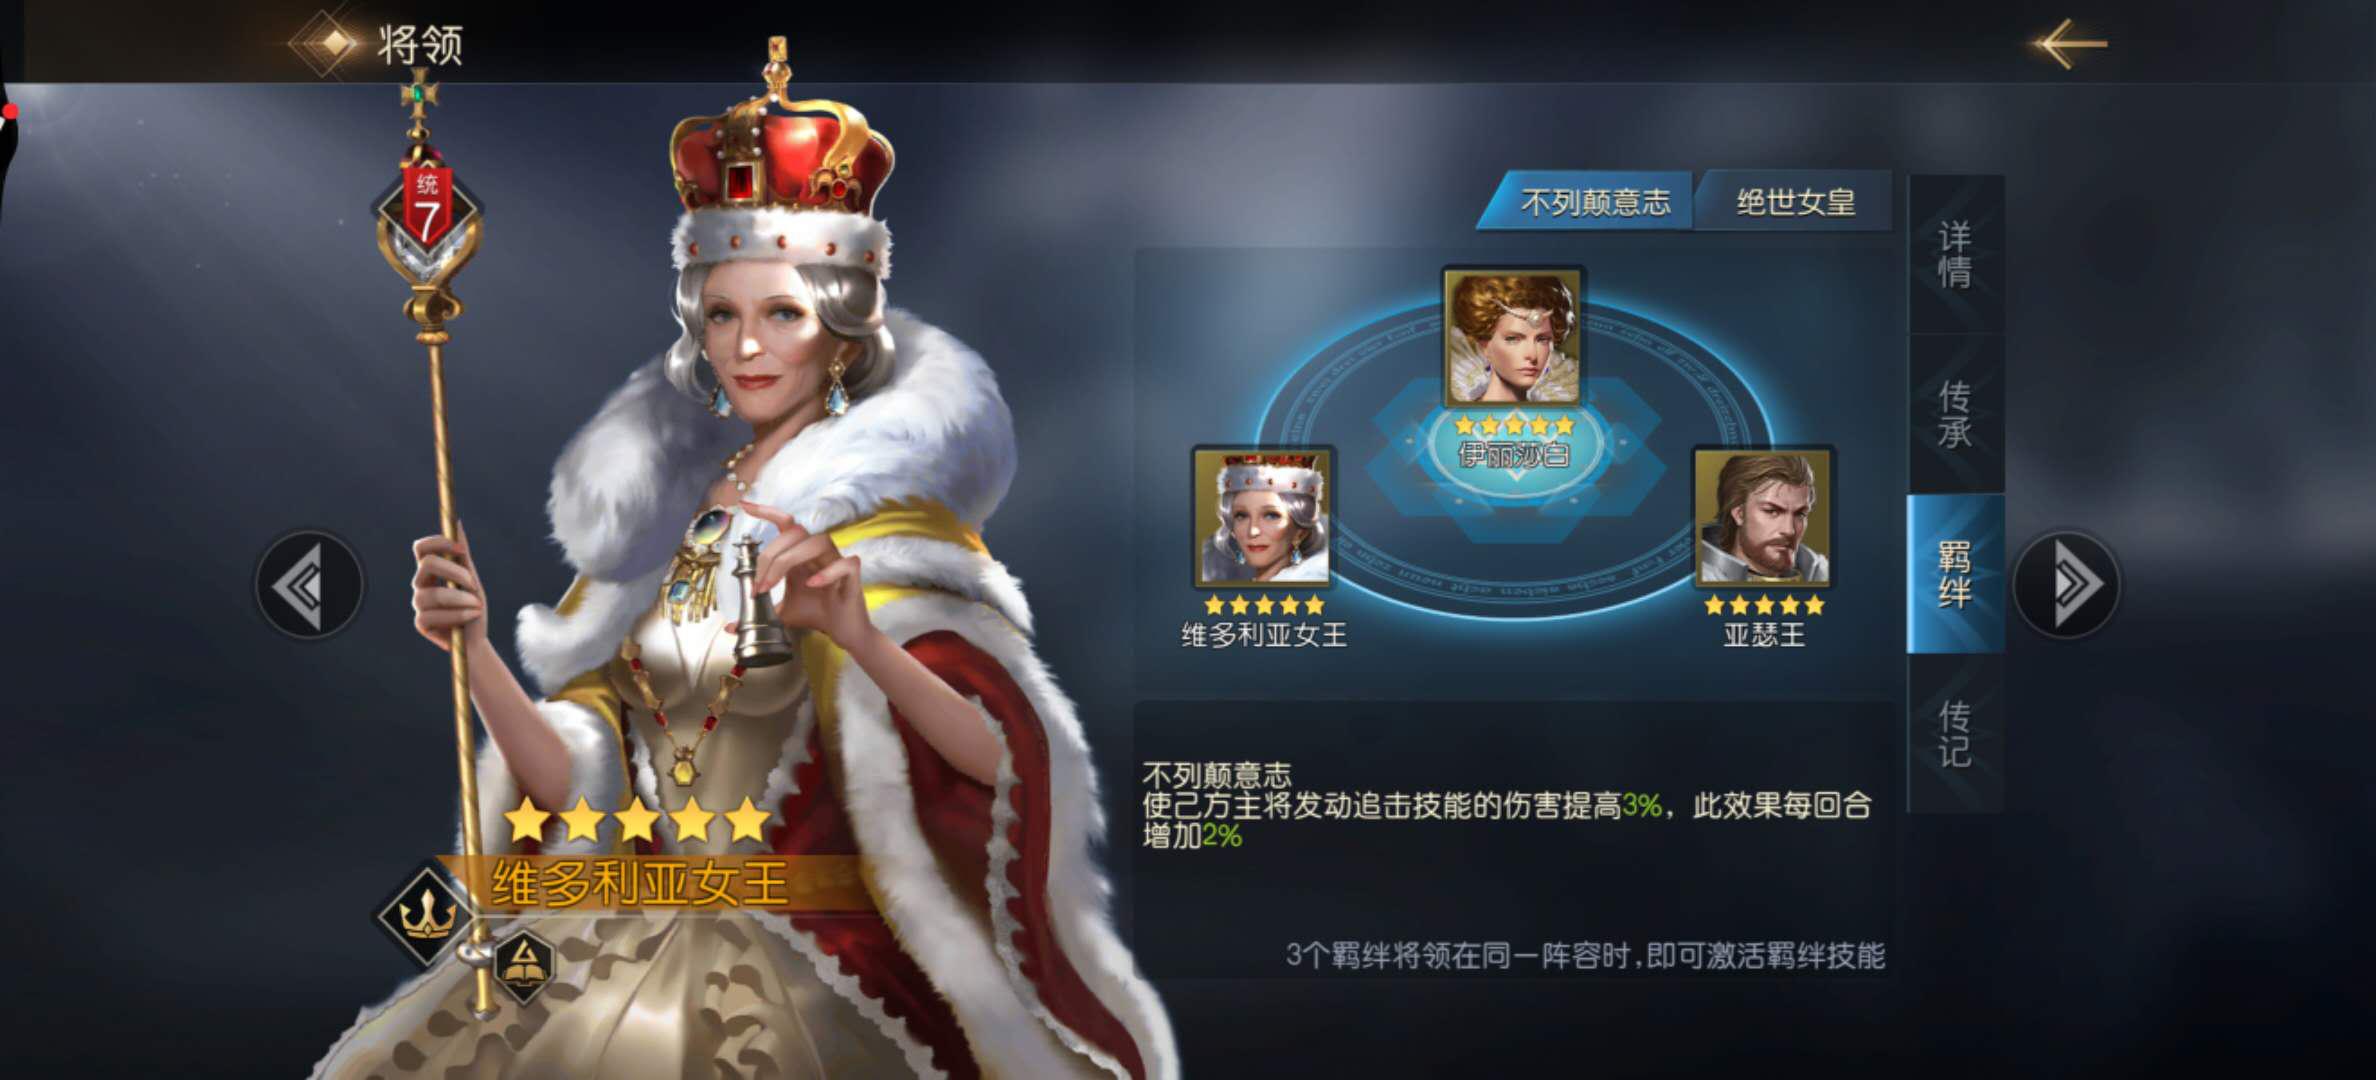 《征服与霸业》维多利亚女王全面分析